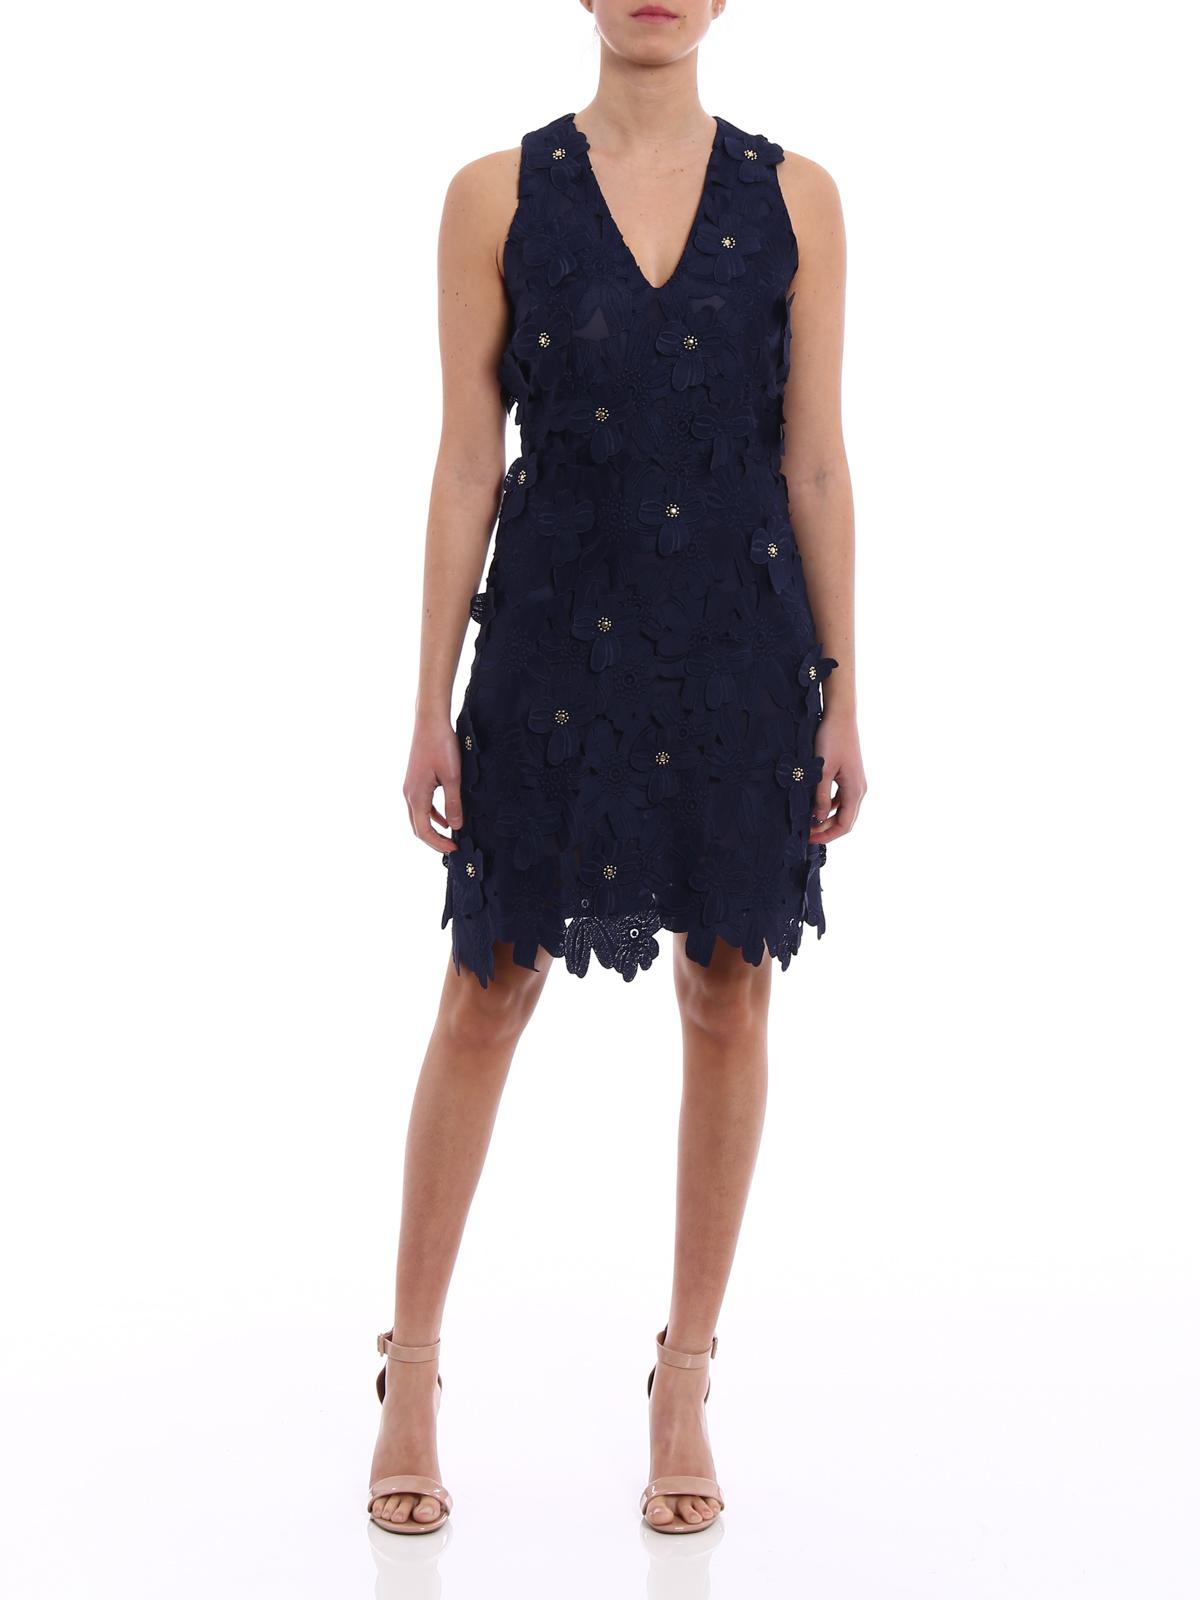 Michael Kors Floral Applique Blue Lace Dress Cocktail